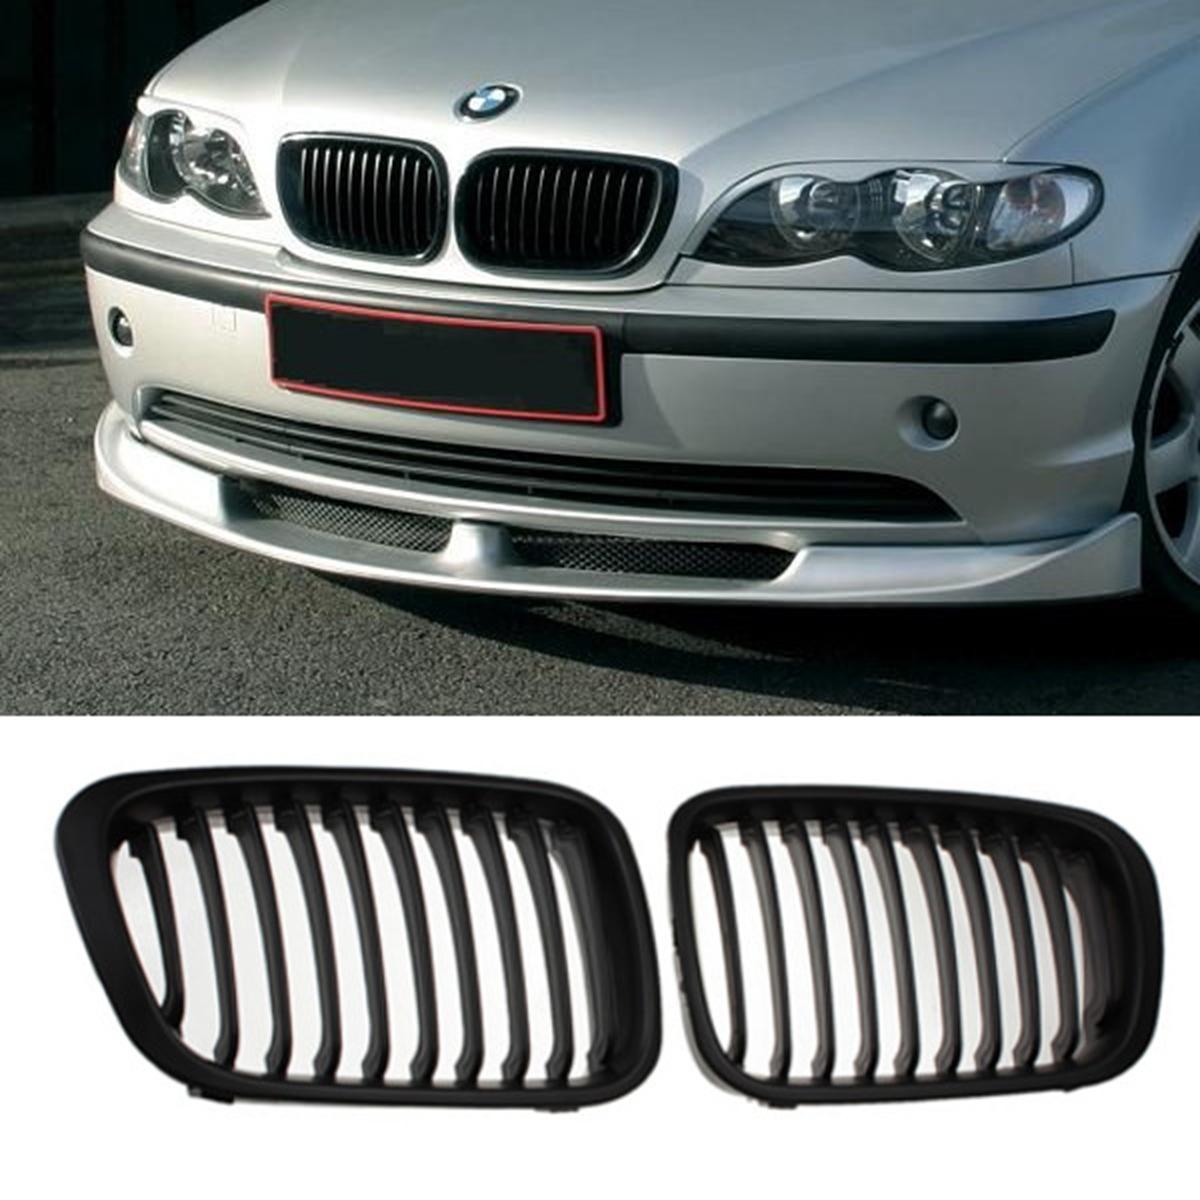 Bmw Grills: Kidney M Sport Grilles Grills BMW E46 3 Series 4D 4 Door